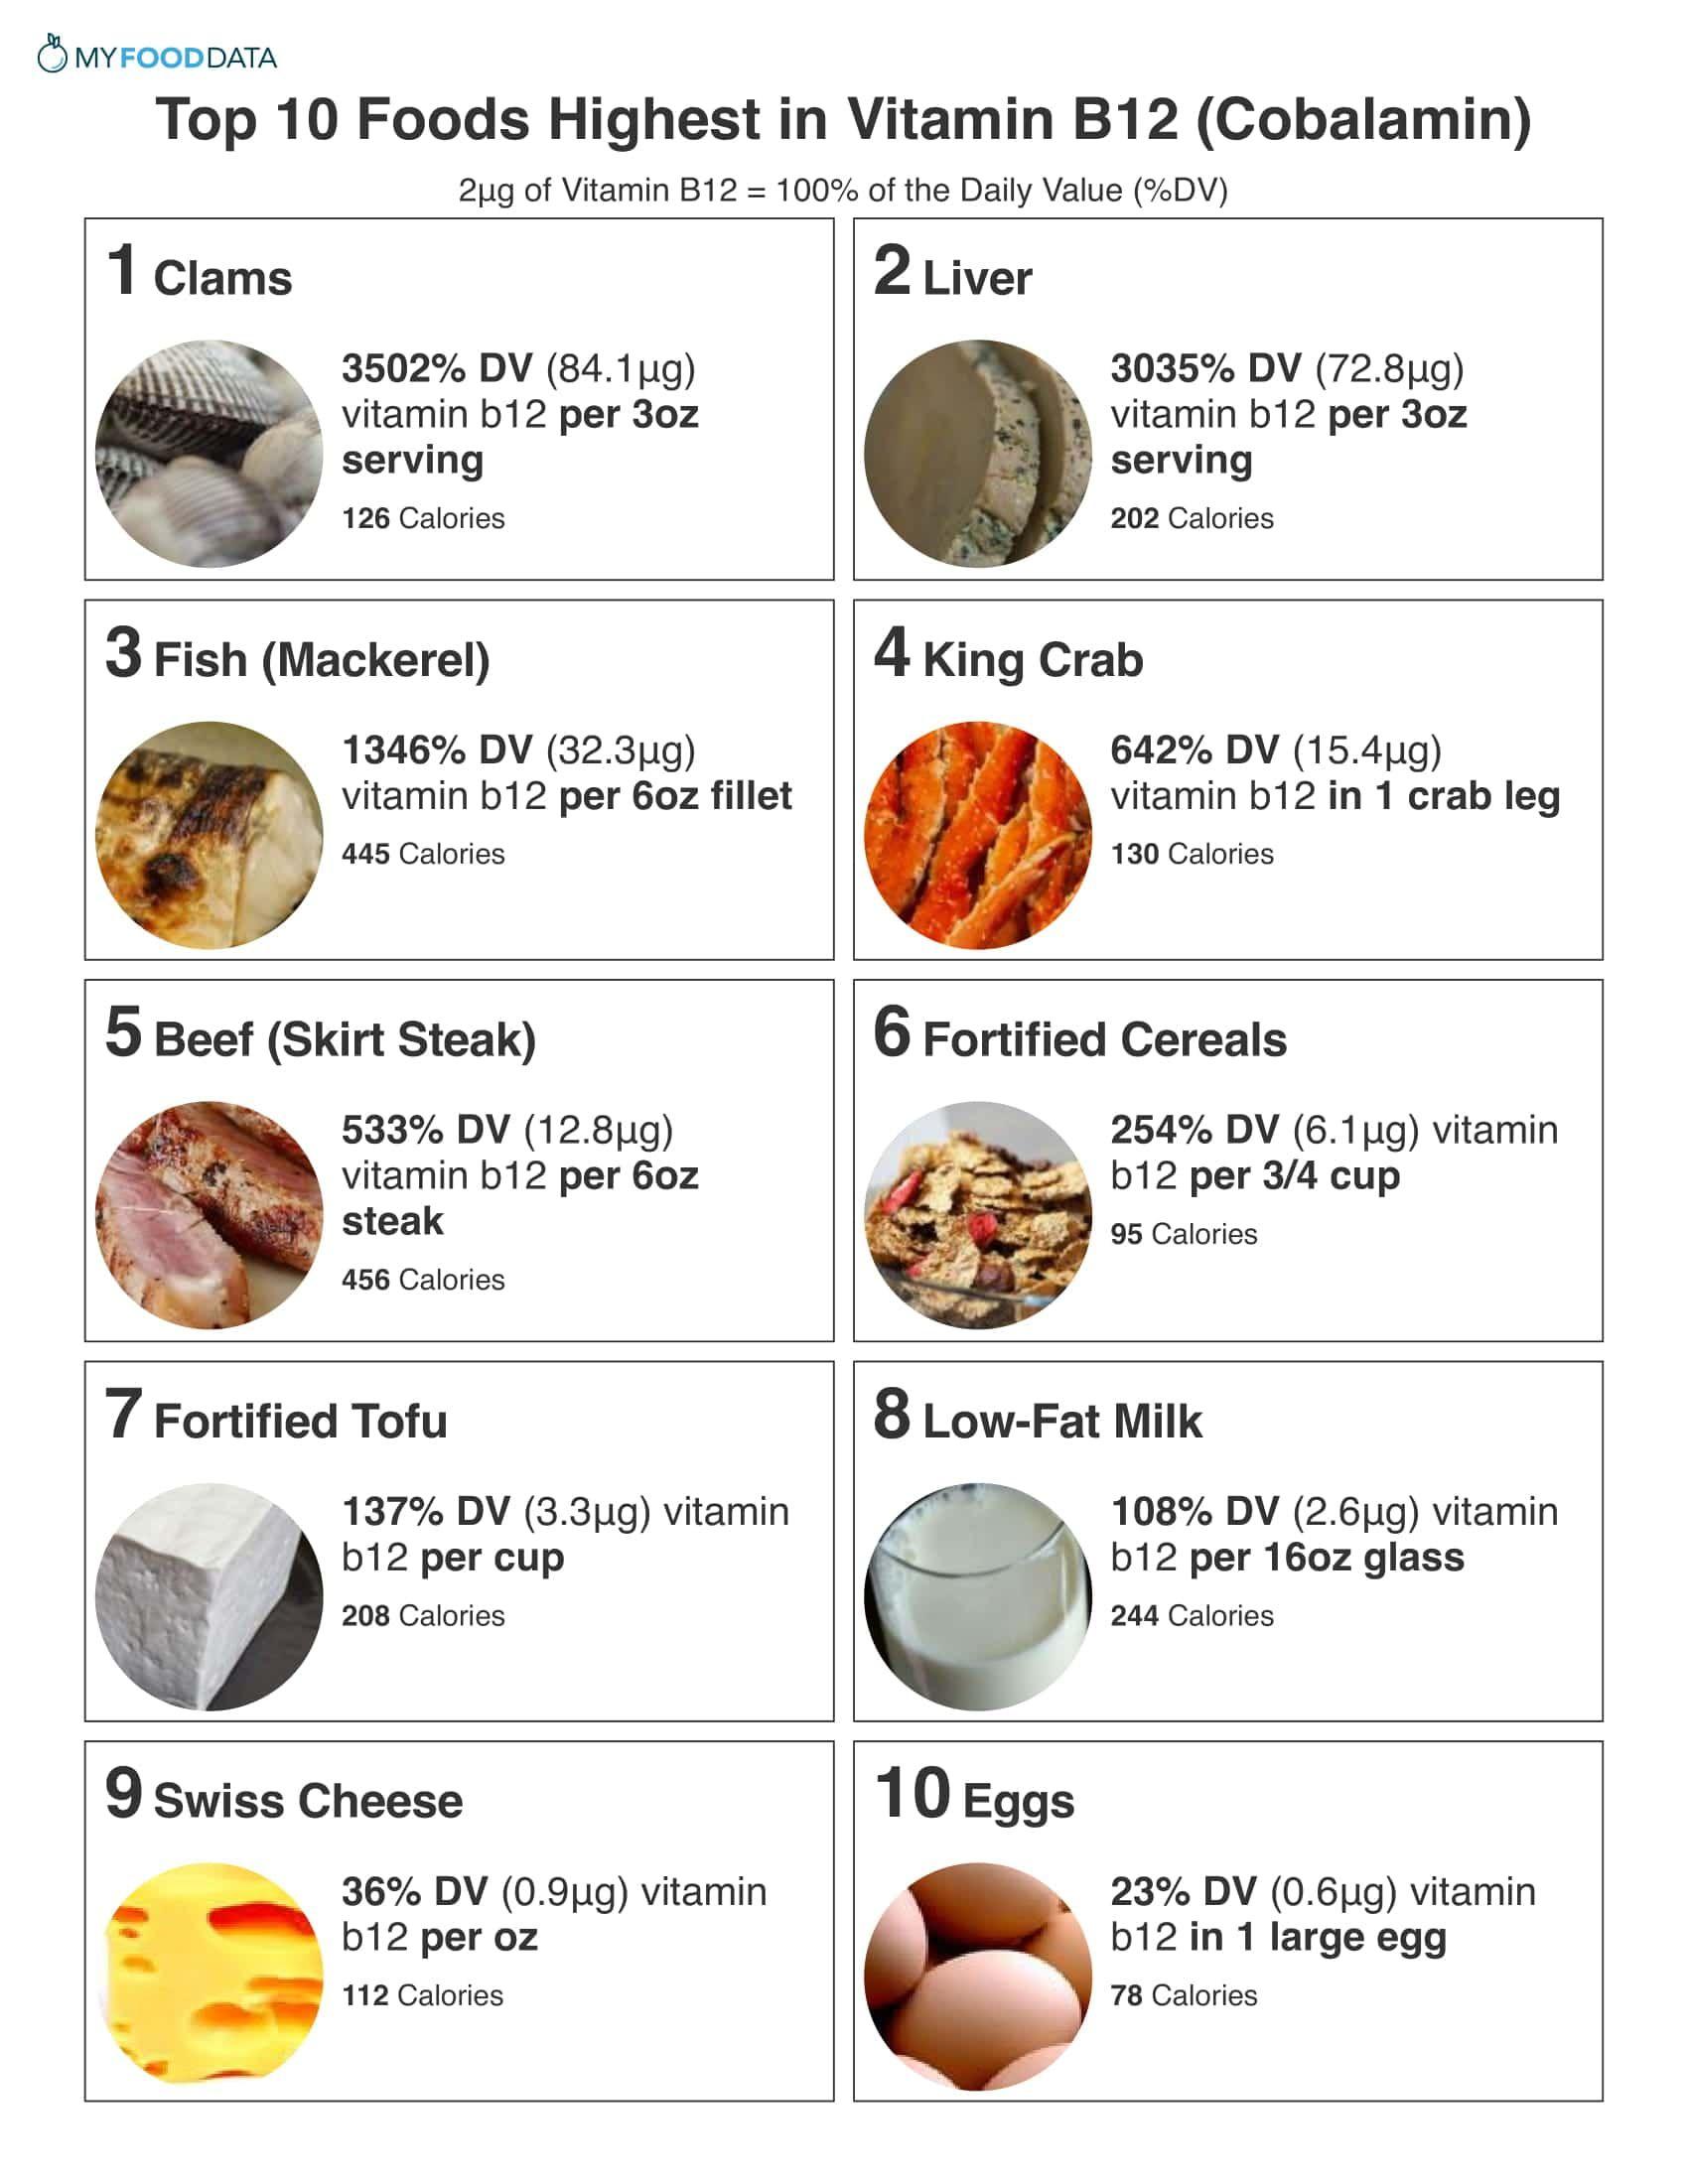 Top 10 Foods Highest in Vitamin B12 (Cobalamin) | food | B12